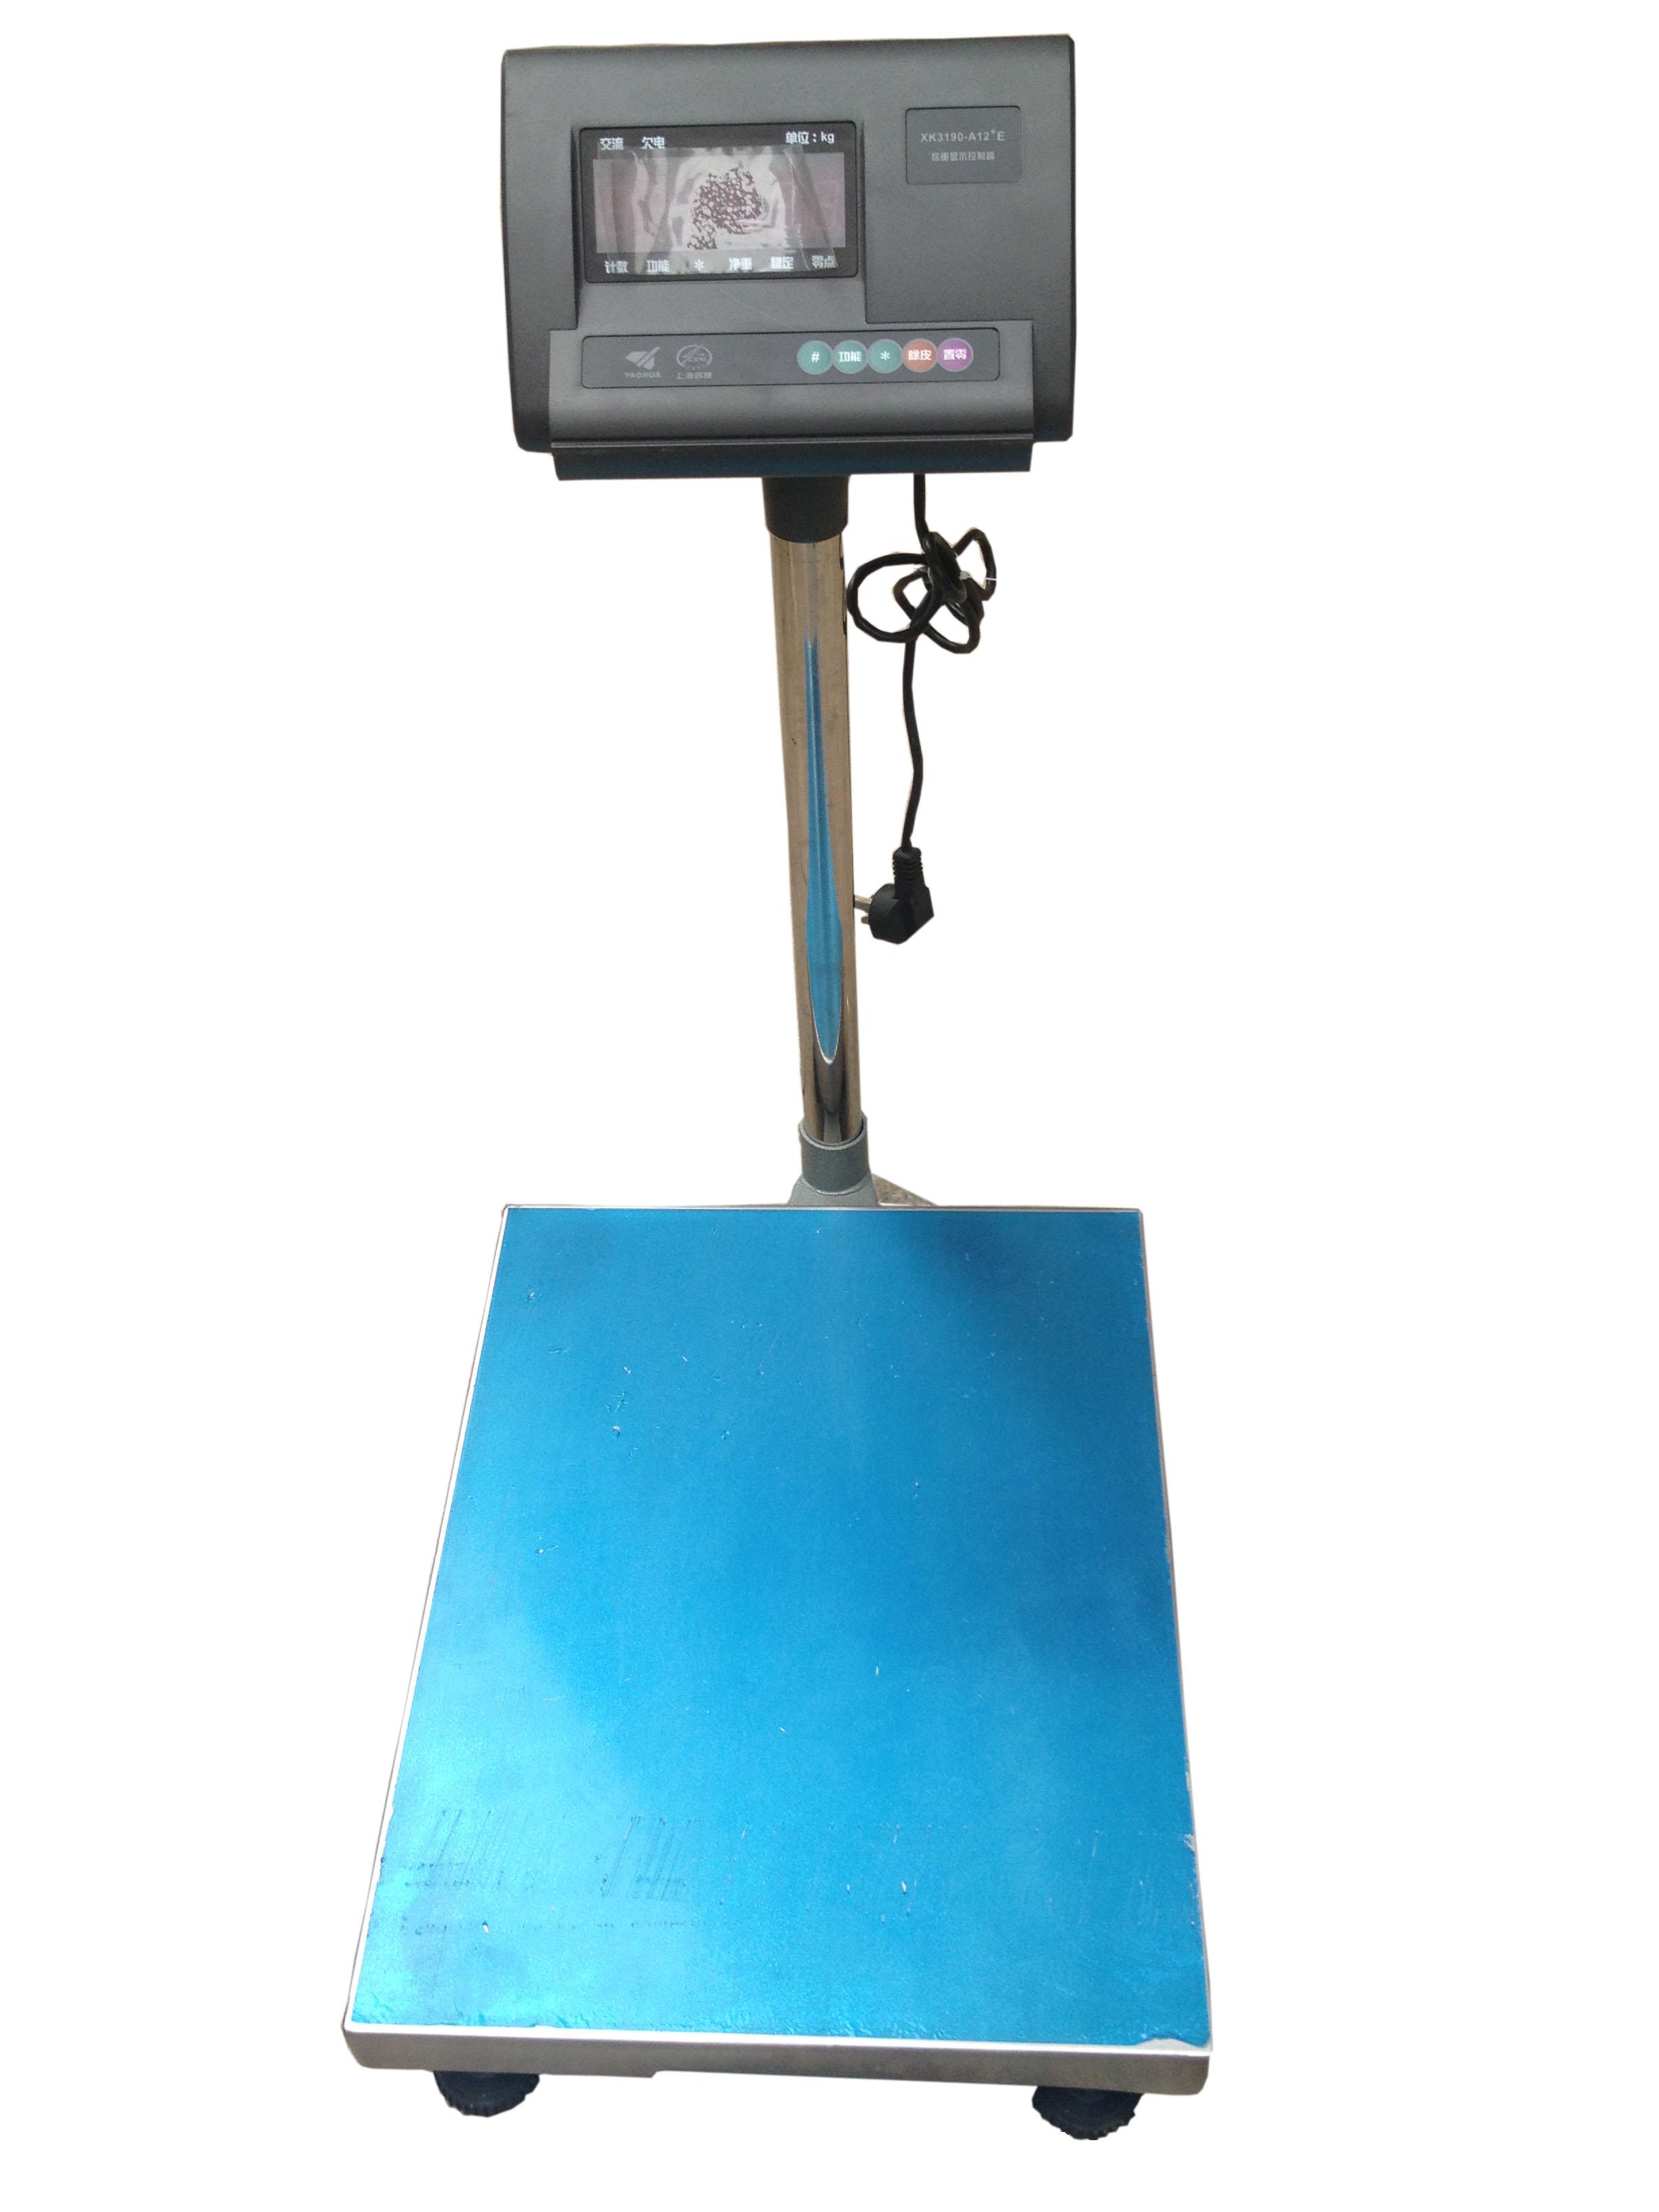 ………………………………可控制开关的电子秤简介 > 内置可充电蓄电池,充电时可以开机使用。 > 开机自动置零。 > 零点自动跟踪。 > 具有、计数、百分比切换功能;时具有重量分选功能。 > 电源: 交流220V(±10%)/ 50Hz; 直流6V/4Ah (内置可充电蓄电池) …&h